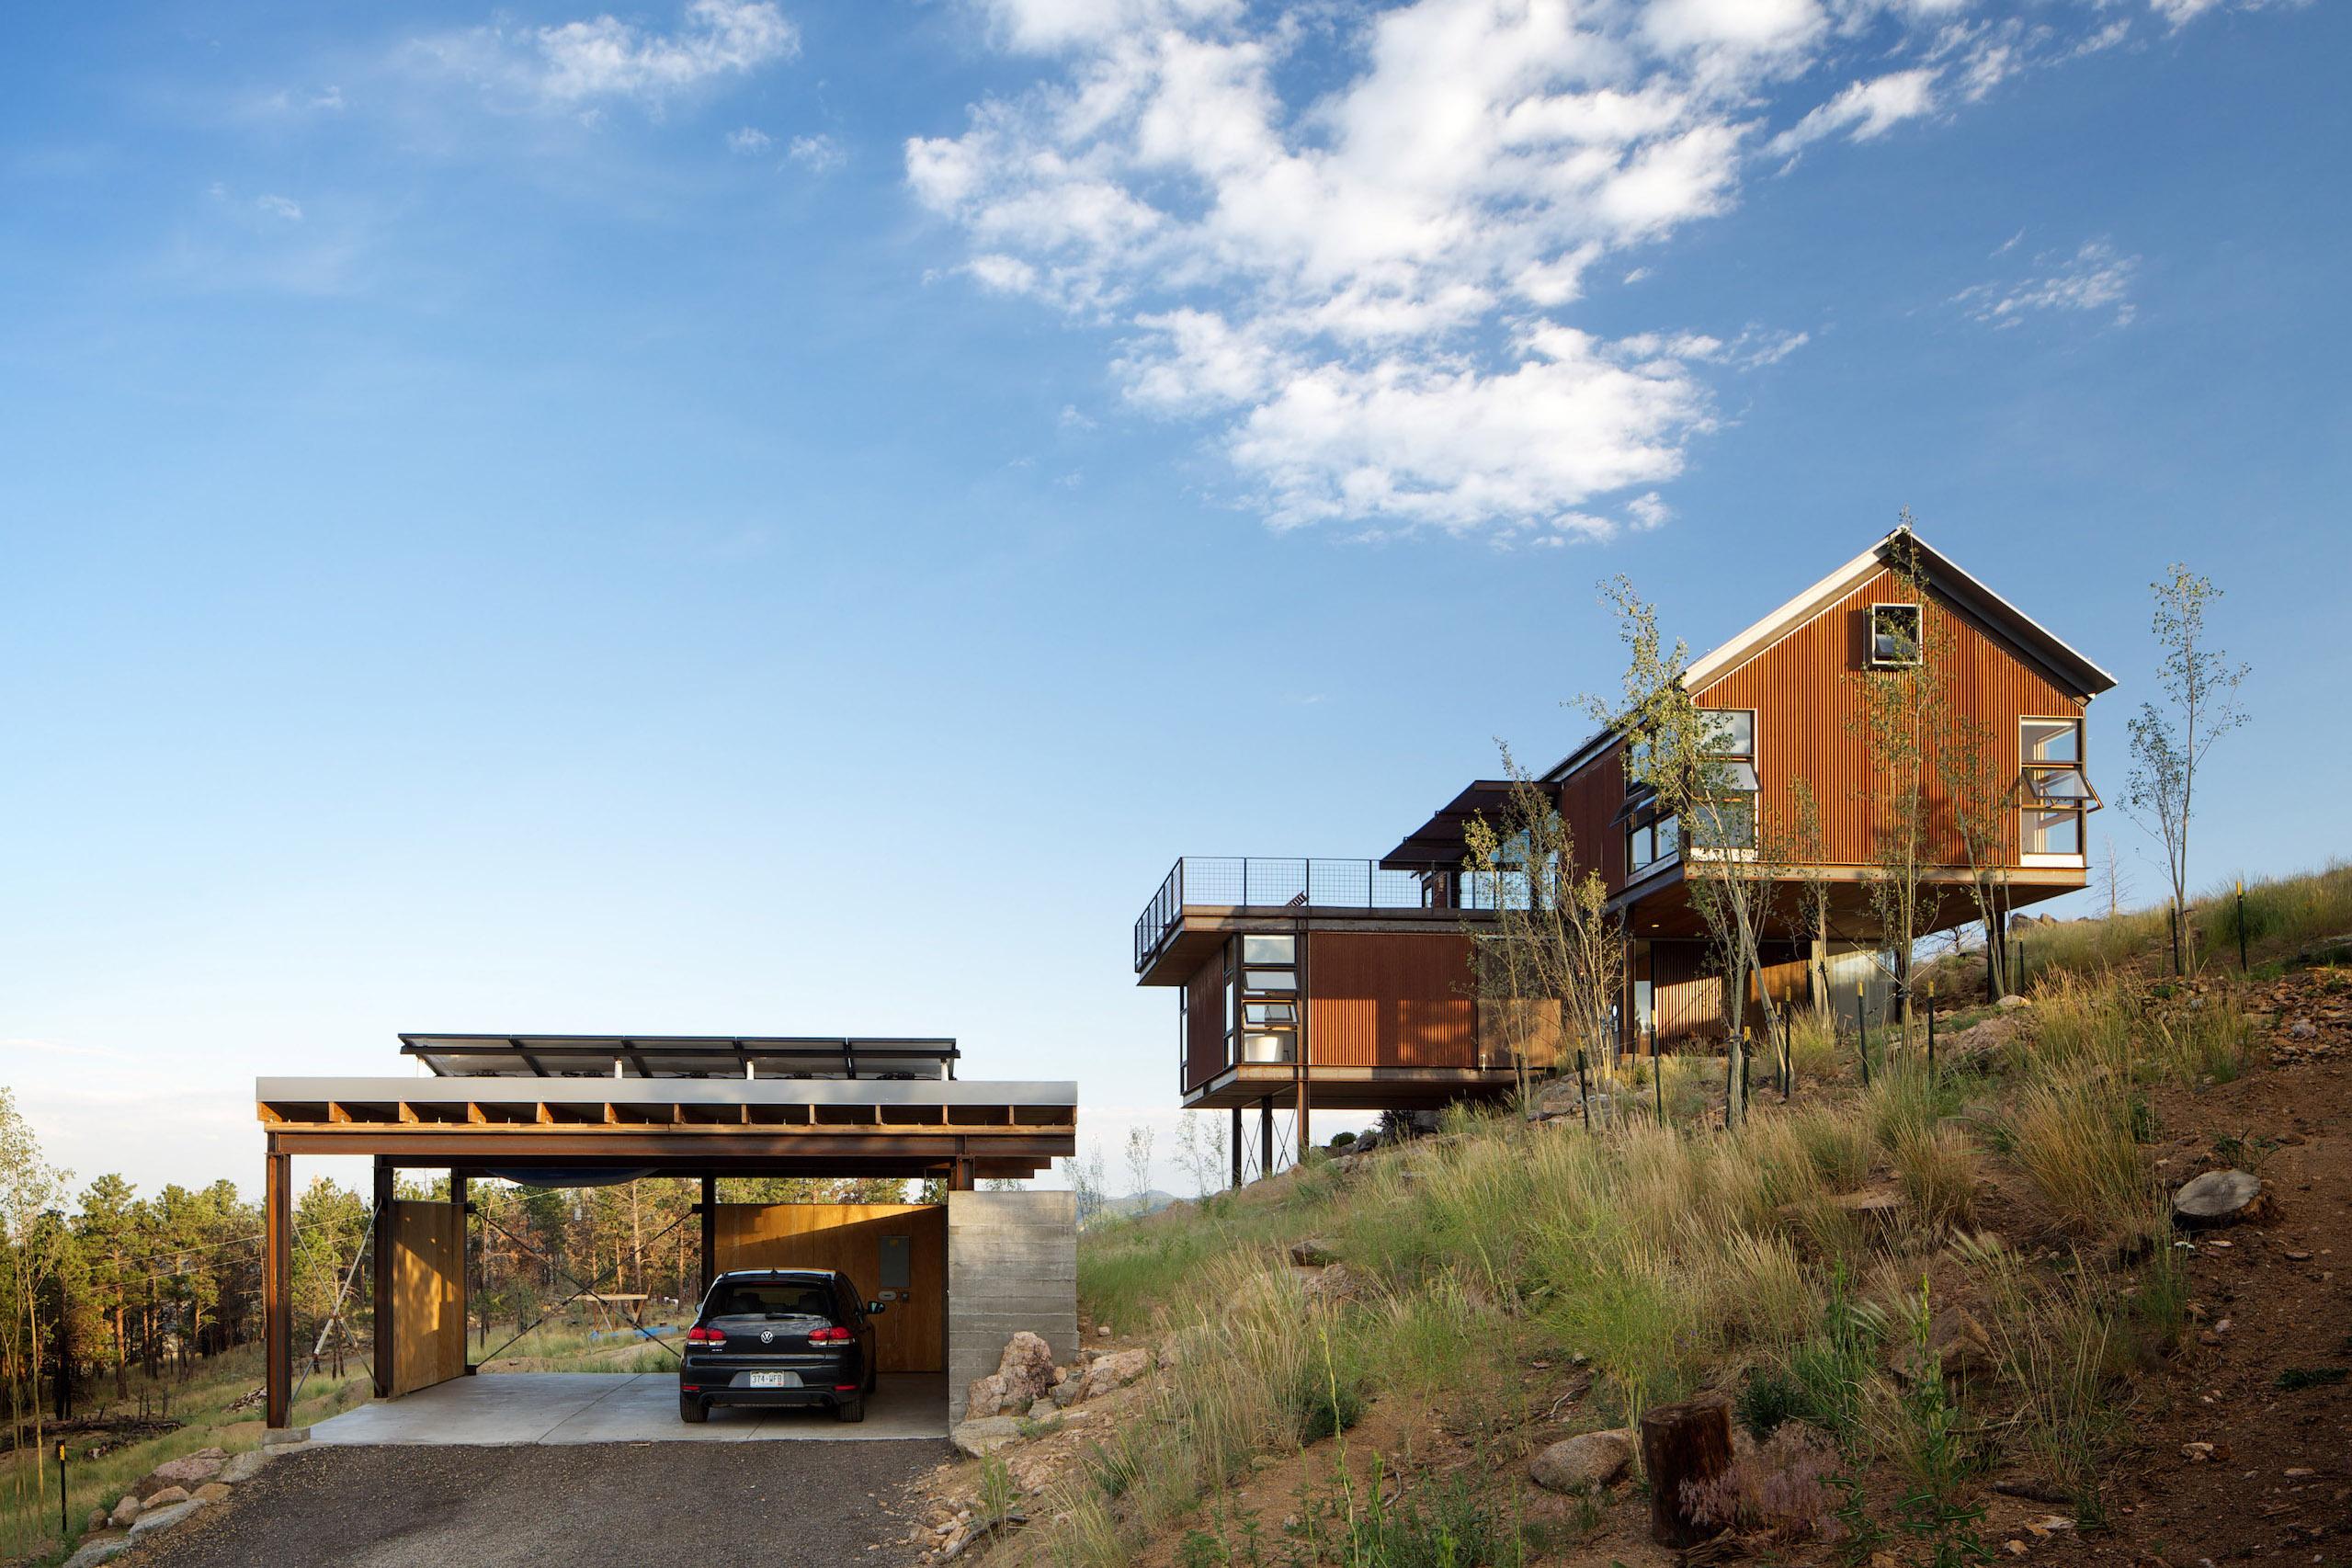 Sunshine Canyon House image 12